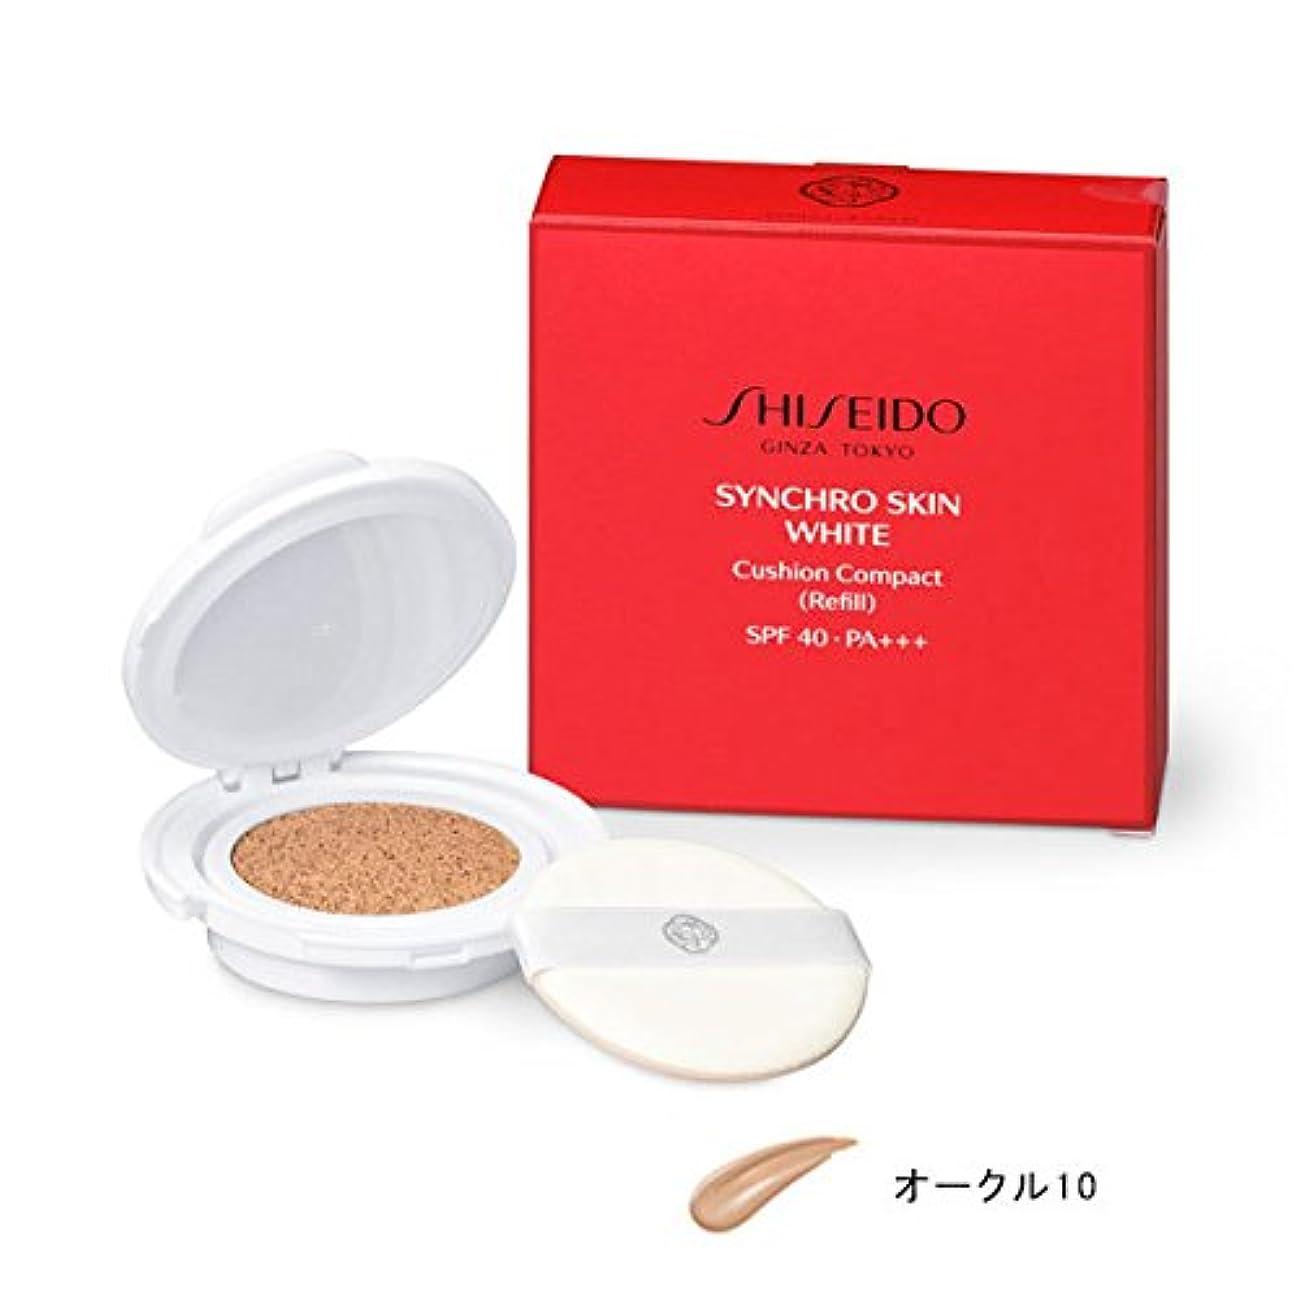 重要な損失彼らのSHISEIDO Makeup(資生堂 メーキャップ) SHISEIDO(資生堂) シンクロスキン ホワイト クッションコンパクト WT レフィル(医薬部外品) (オークル10)